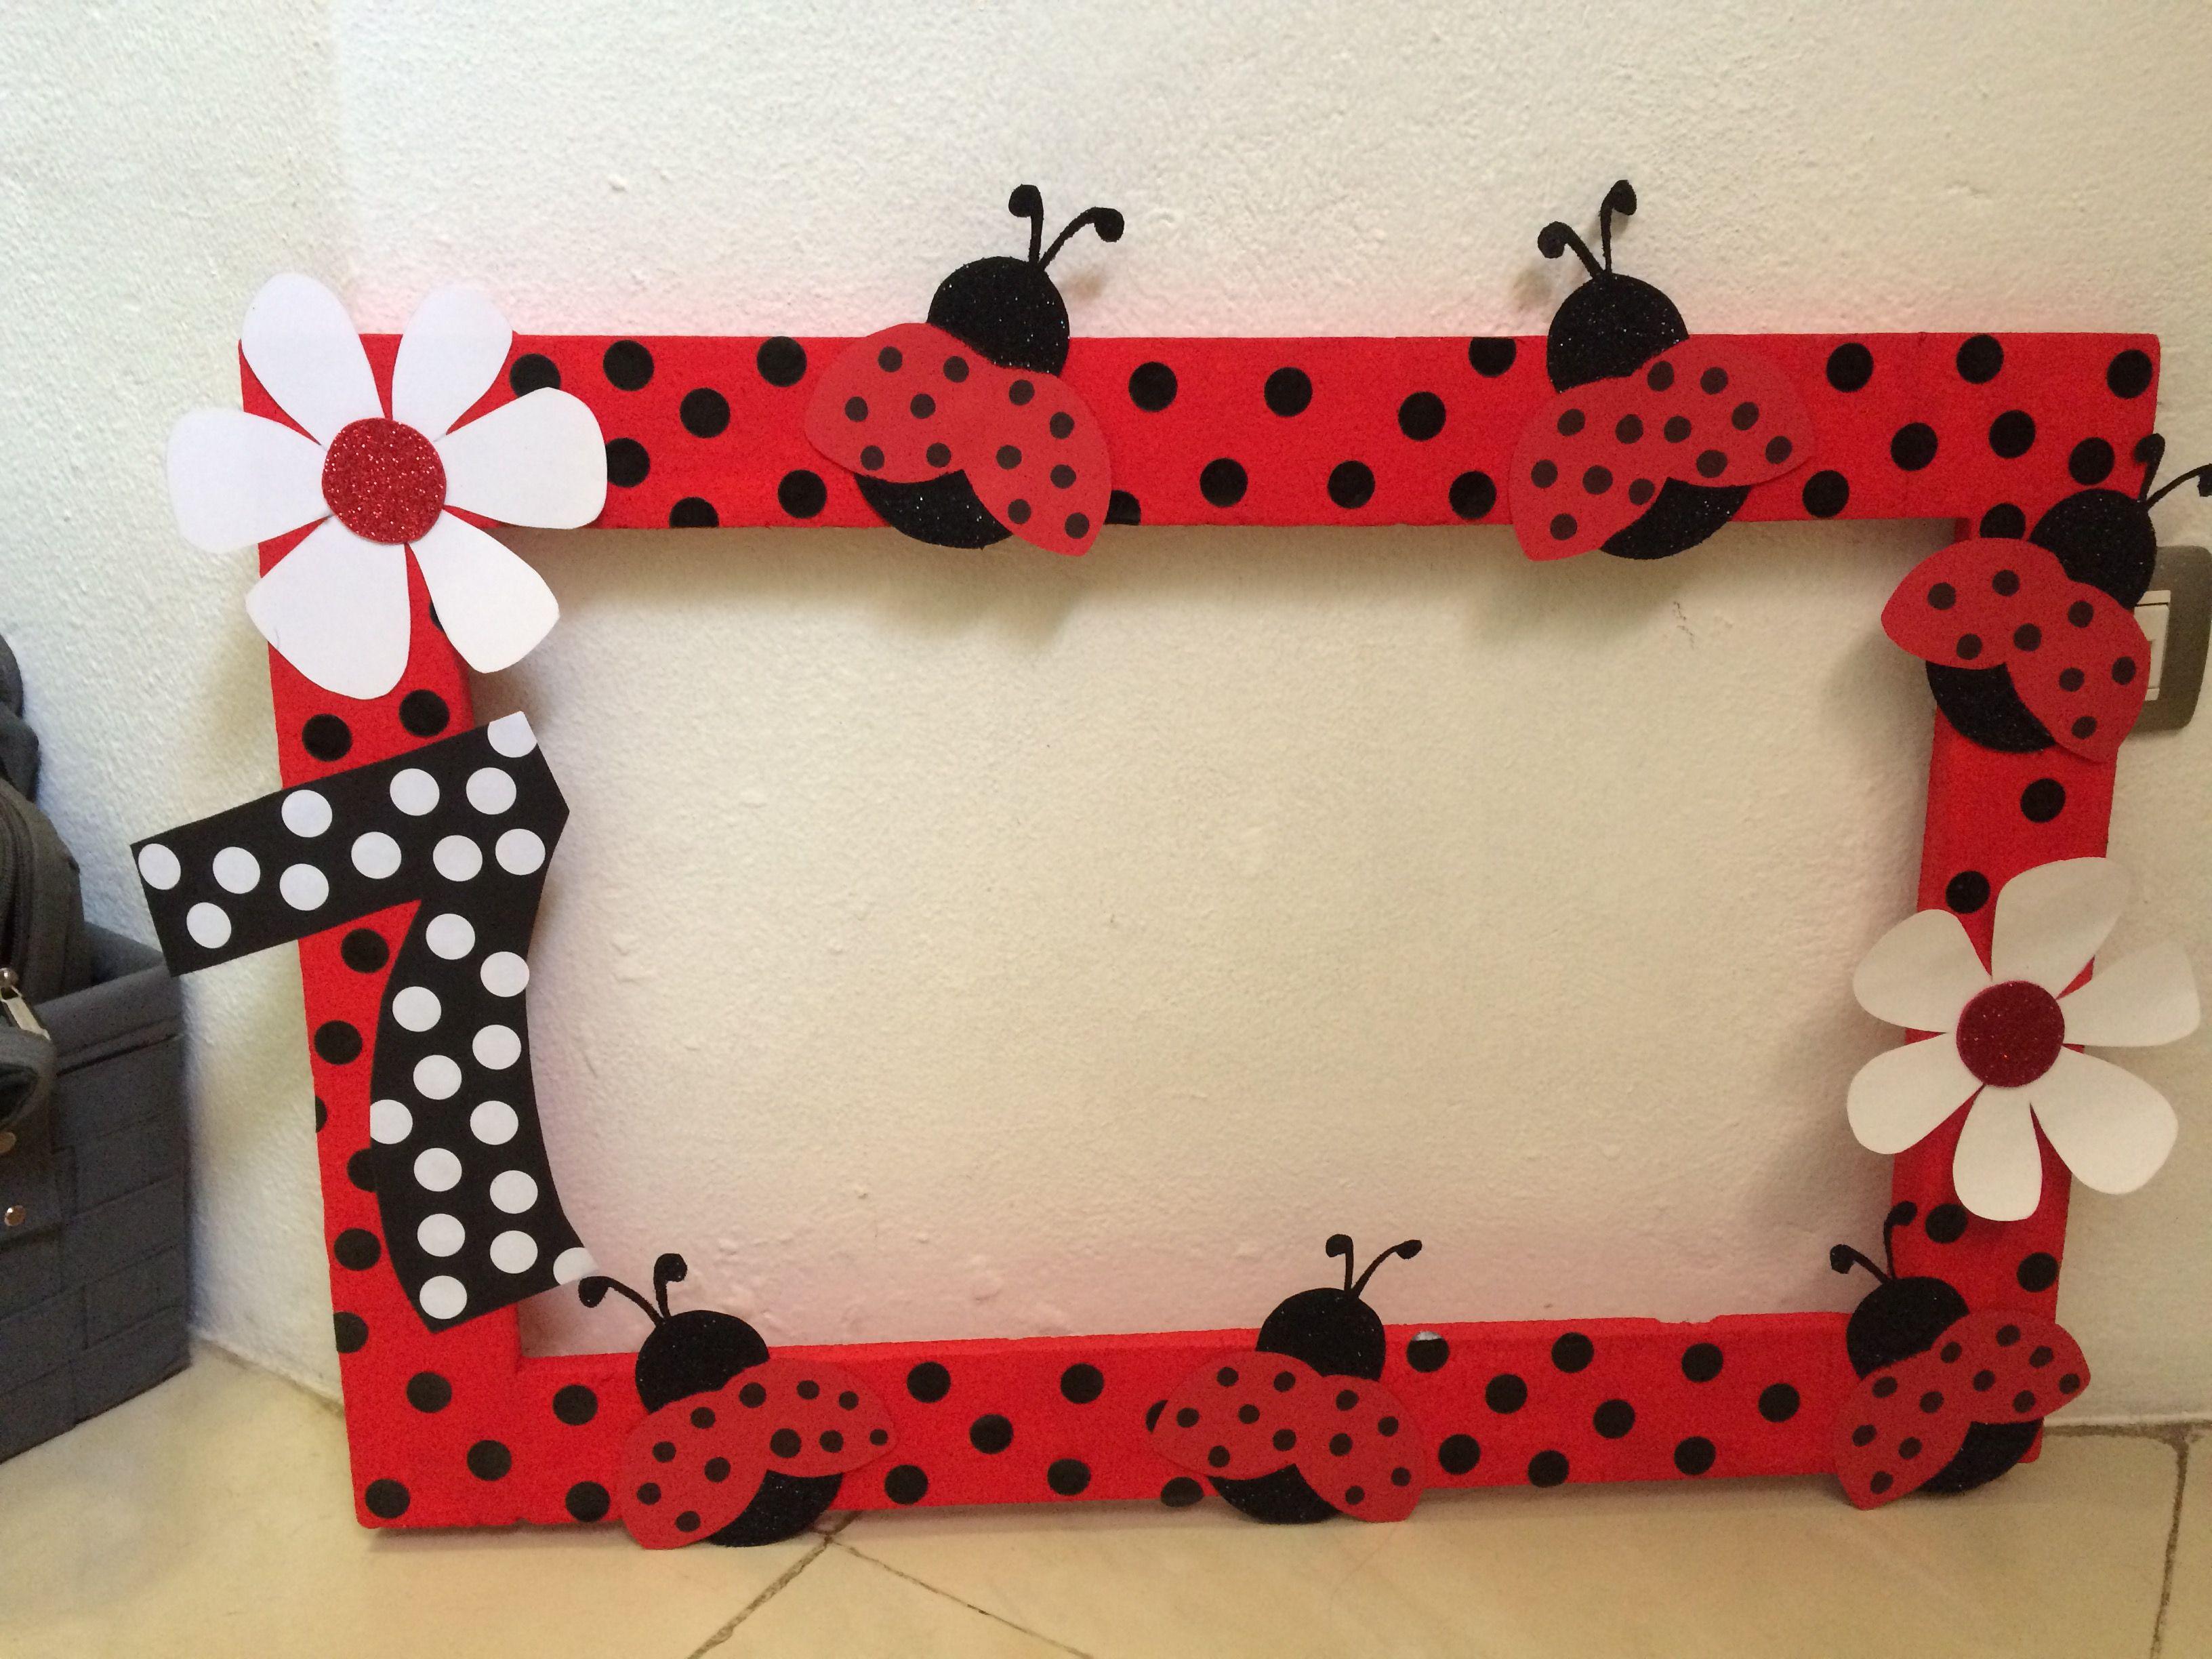 resultado de imagen para ideas para cumpleaos de ladybugs